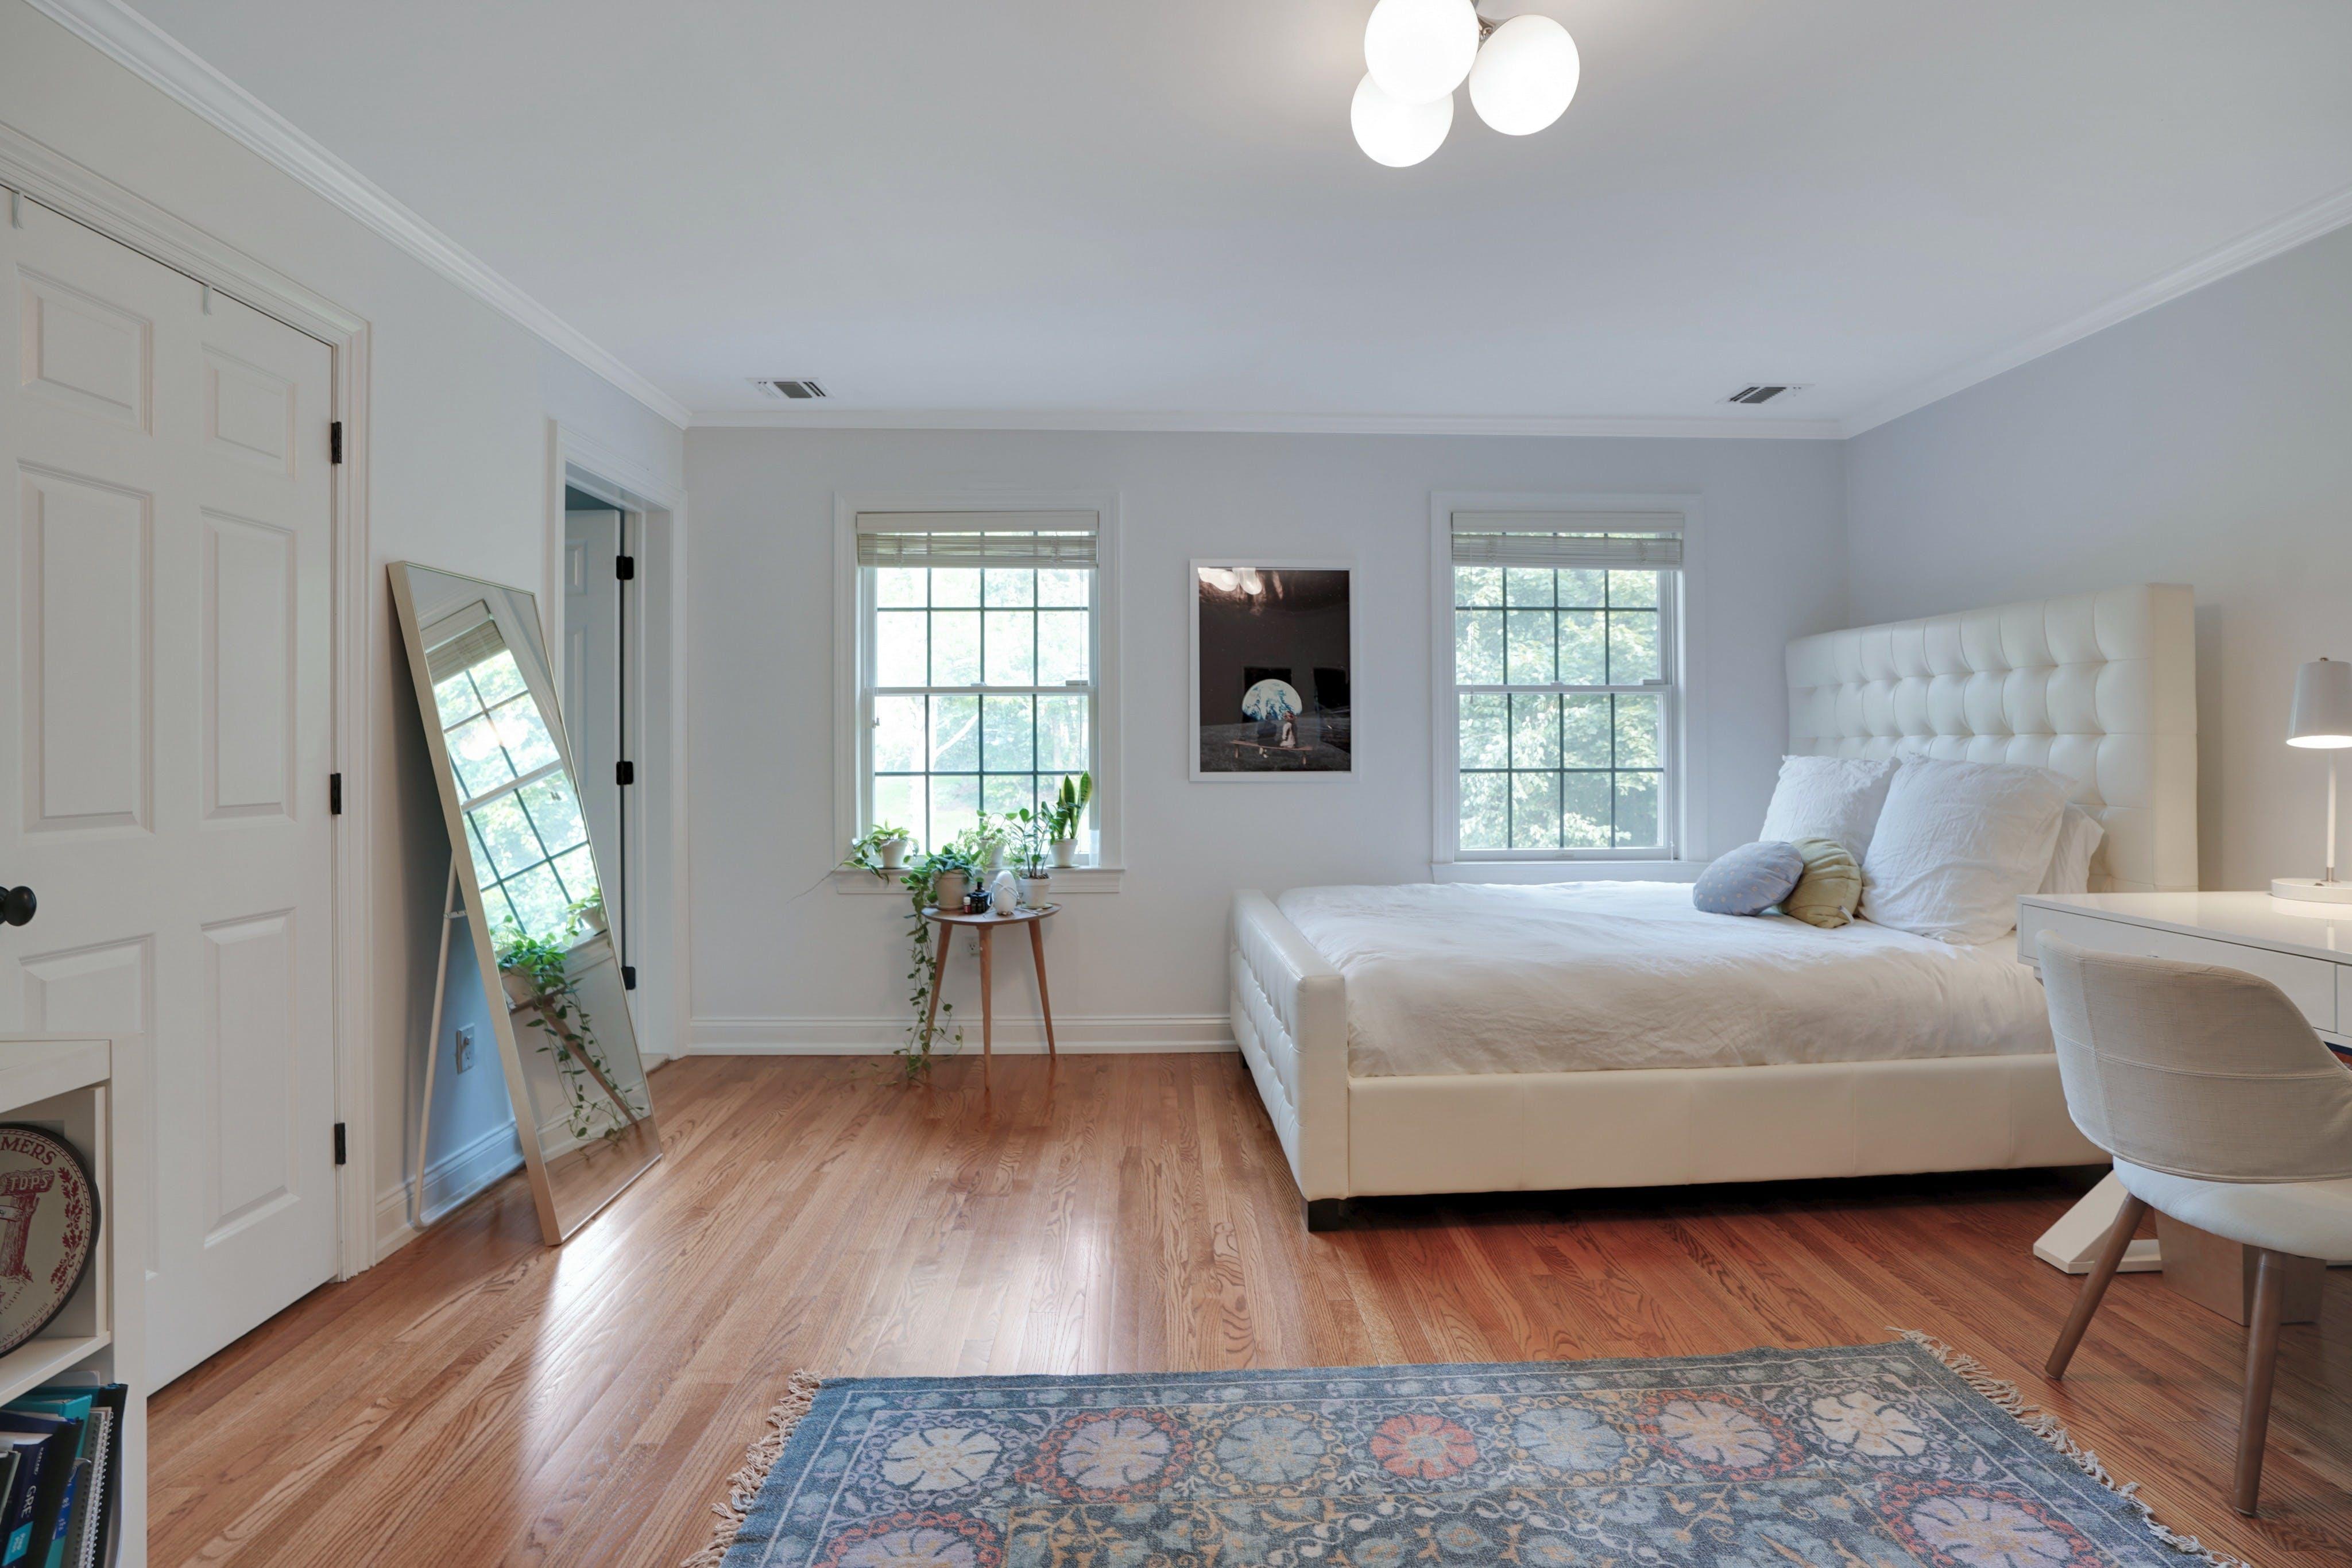 21 Saratoga Way - Bedroom 2 of 6